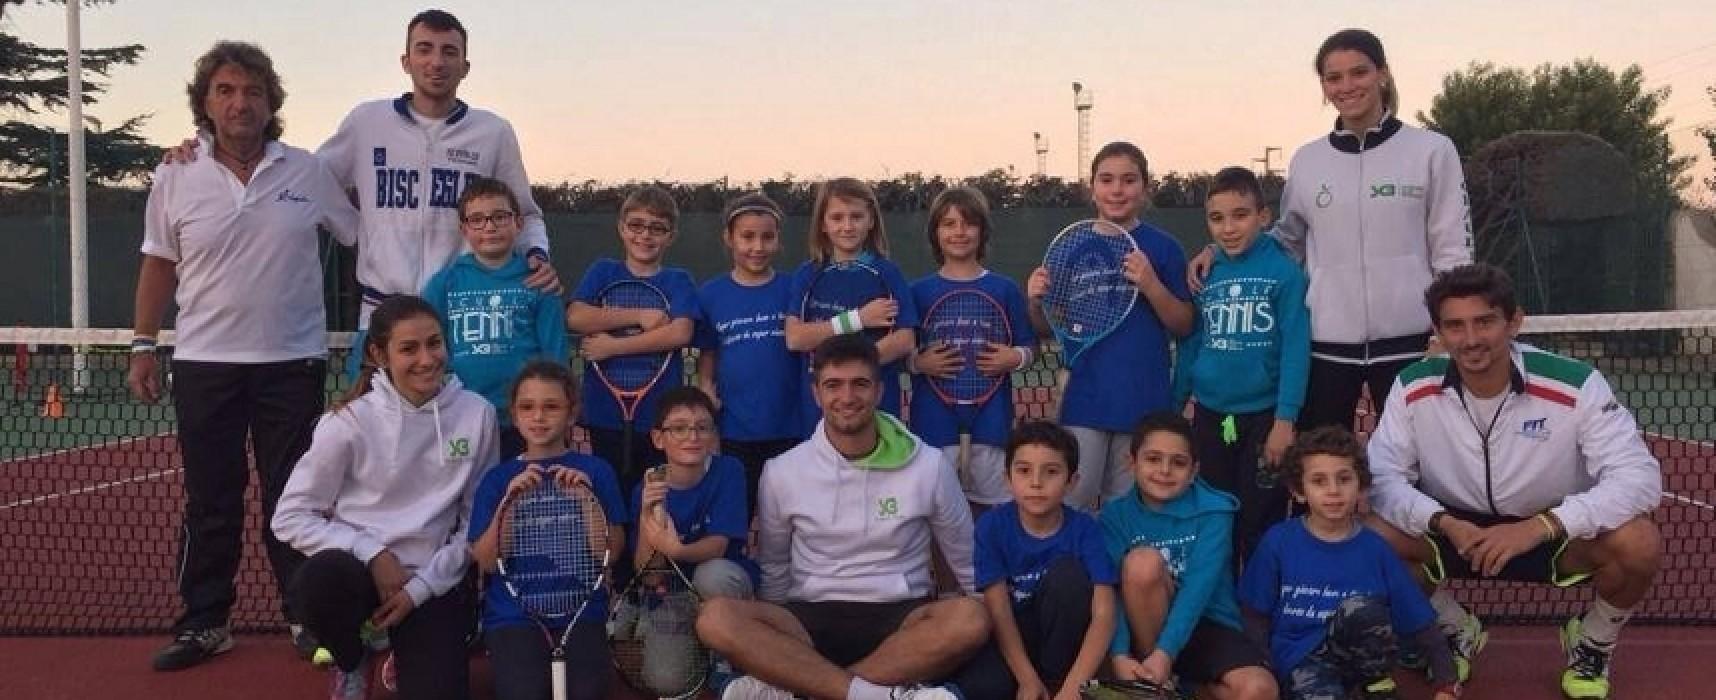 Tennis: il biscegliese Michele Prete vince a Trani la prima tappa del FJP